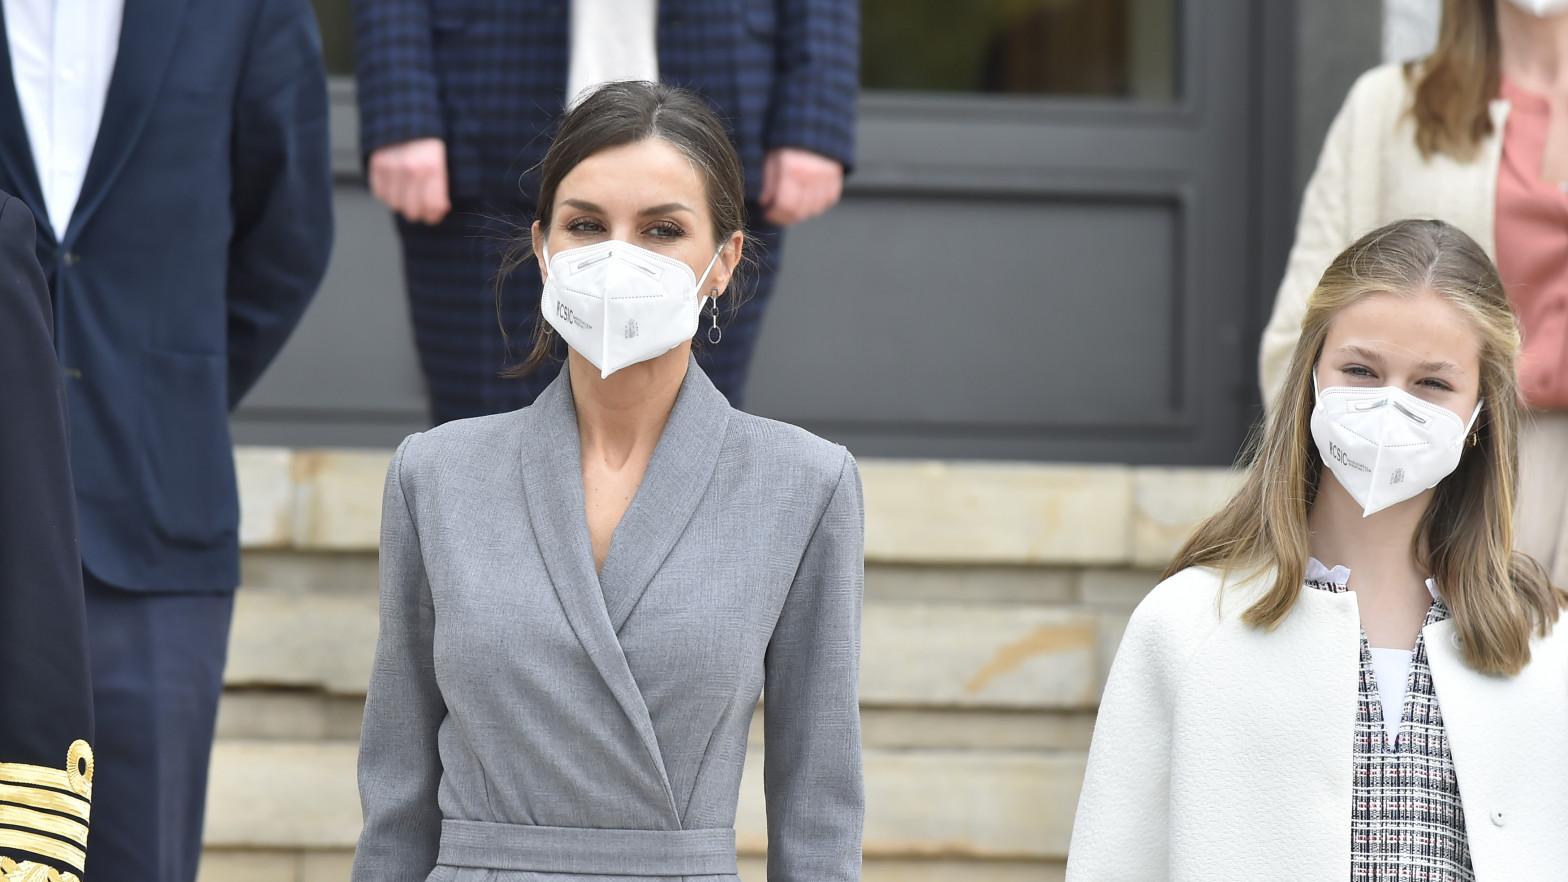 La reina Letizia se vacuna por fin contra la covid-19 junto a la princesa Leonor